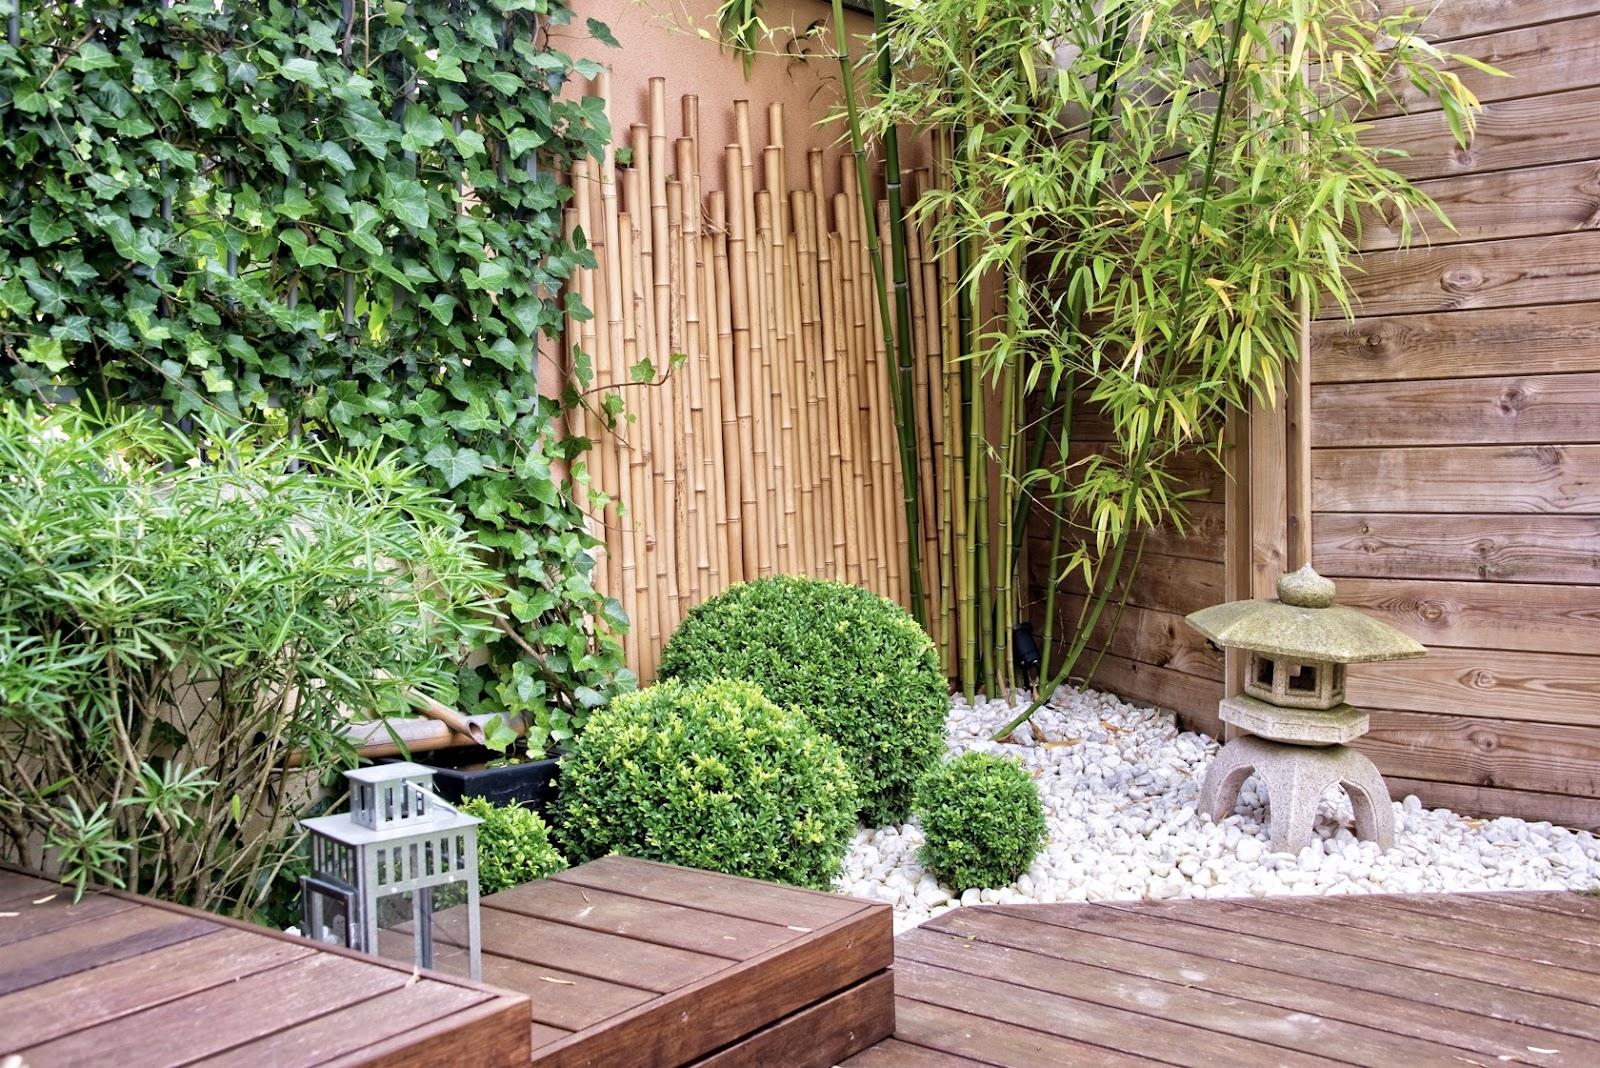 Penggunaan bambu dan kayu sebagai tembok - source: bramblefurniture.com